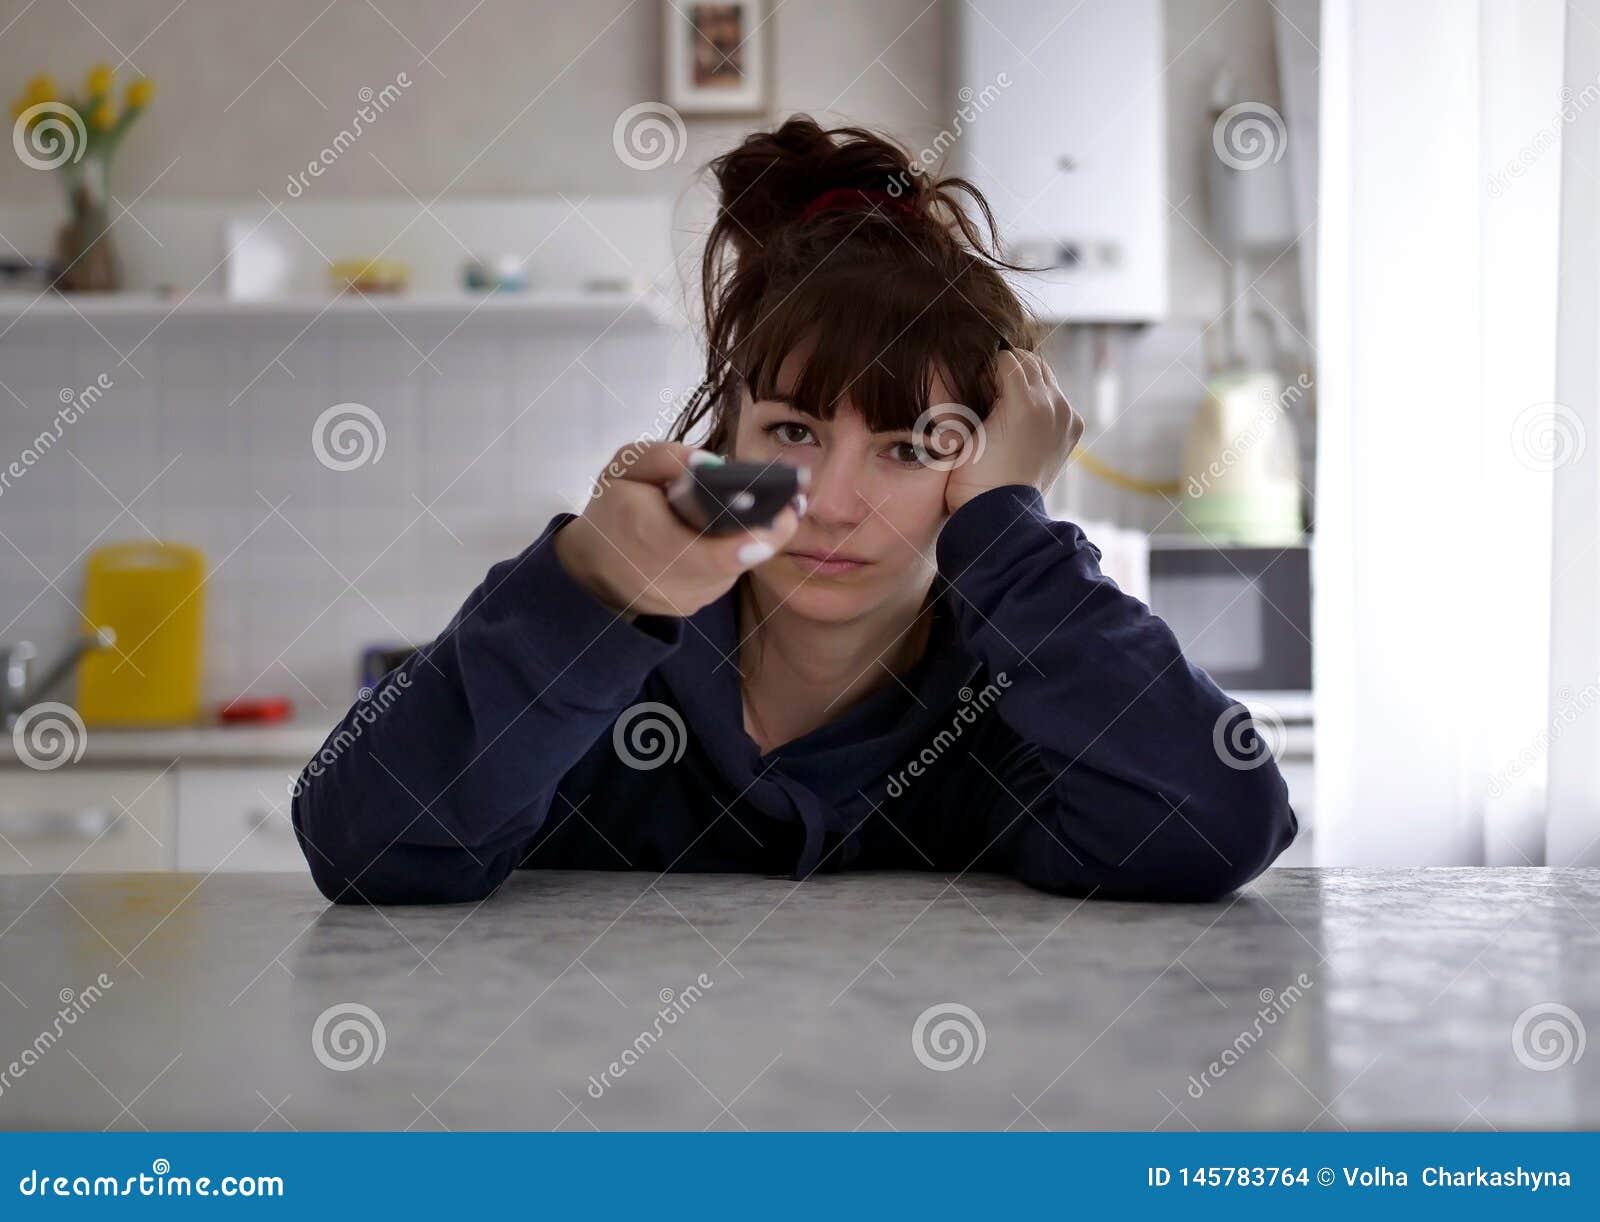 Σκεπτική νέα συνεδρίαση γυναικών με τον τηλεχειρισμό σχετικά με ένα θολωμένο υπόβαθρο της κουζίνας